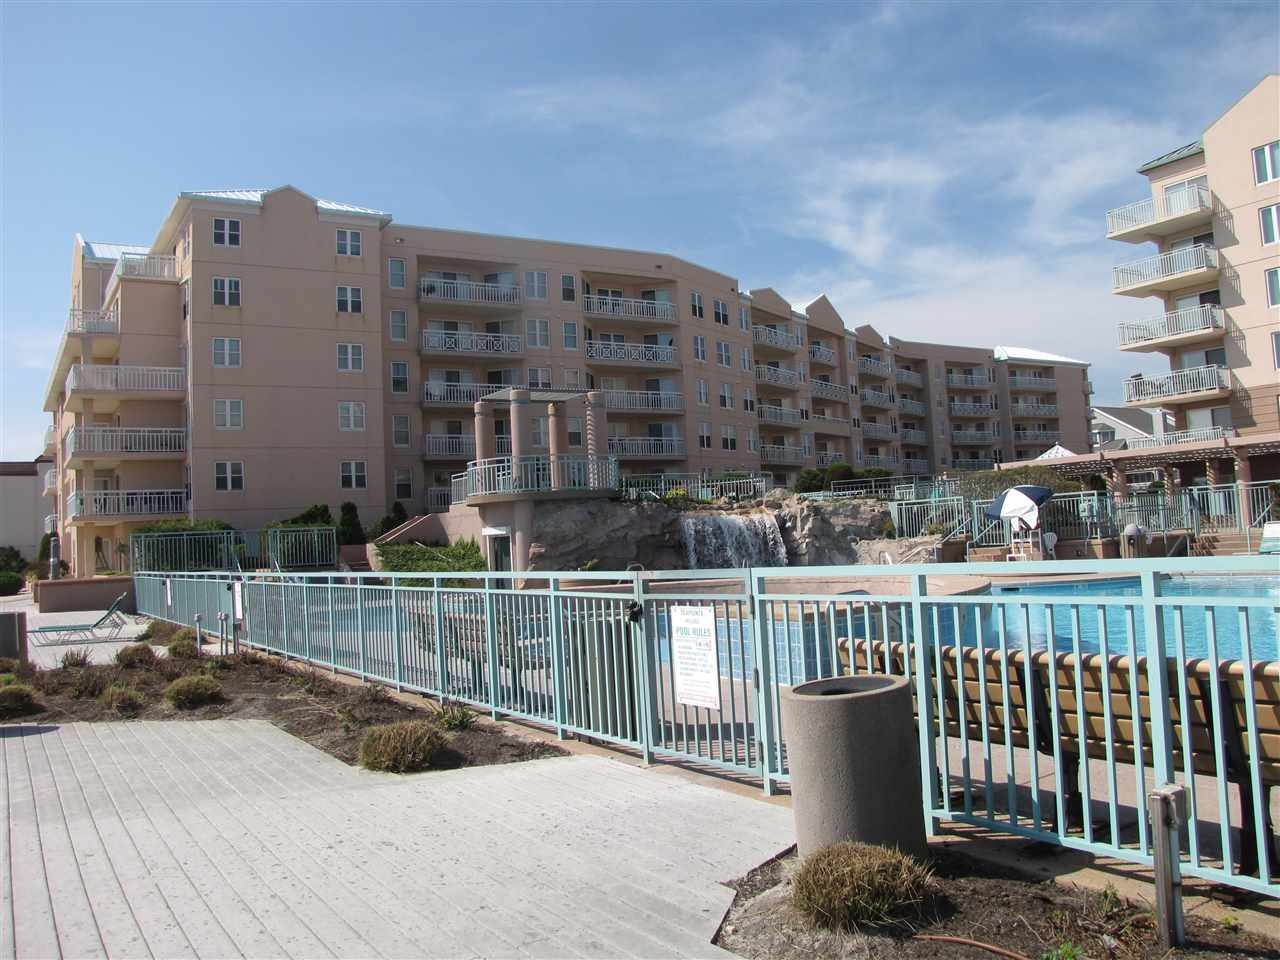 9905 Seapointe Blvd. #315  - Picture 1